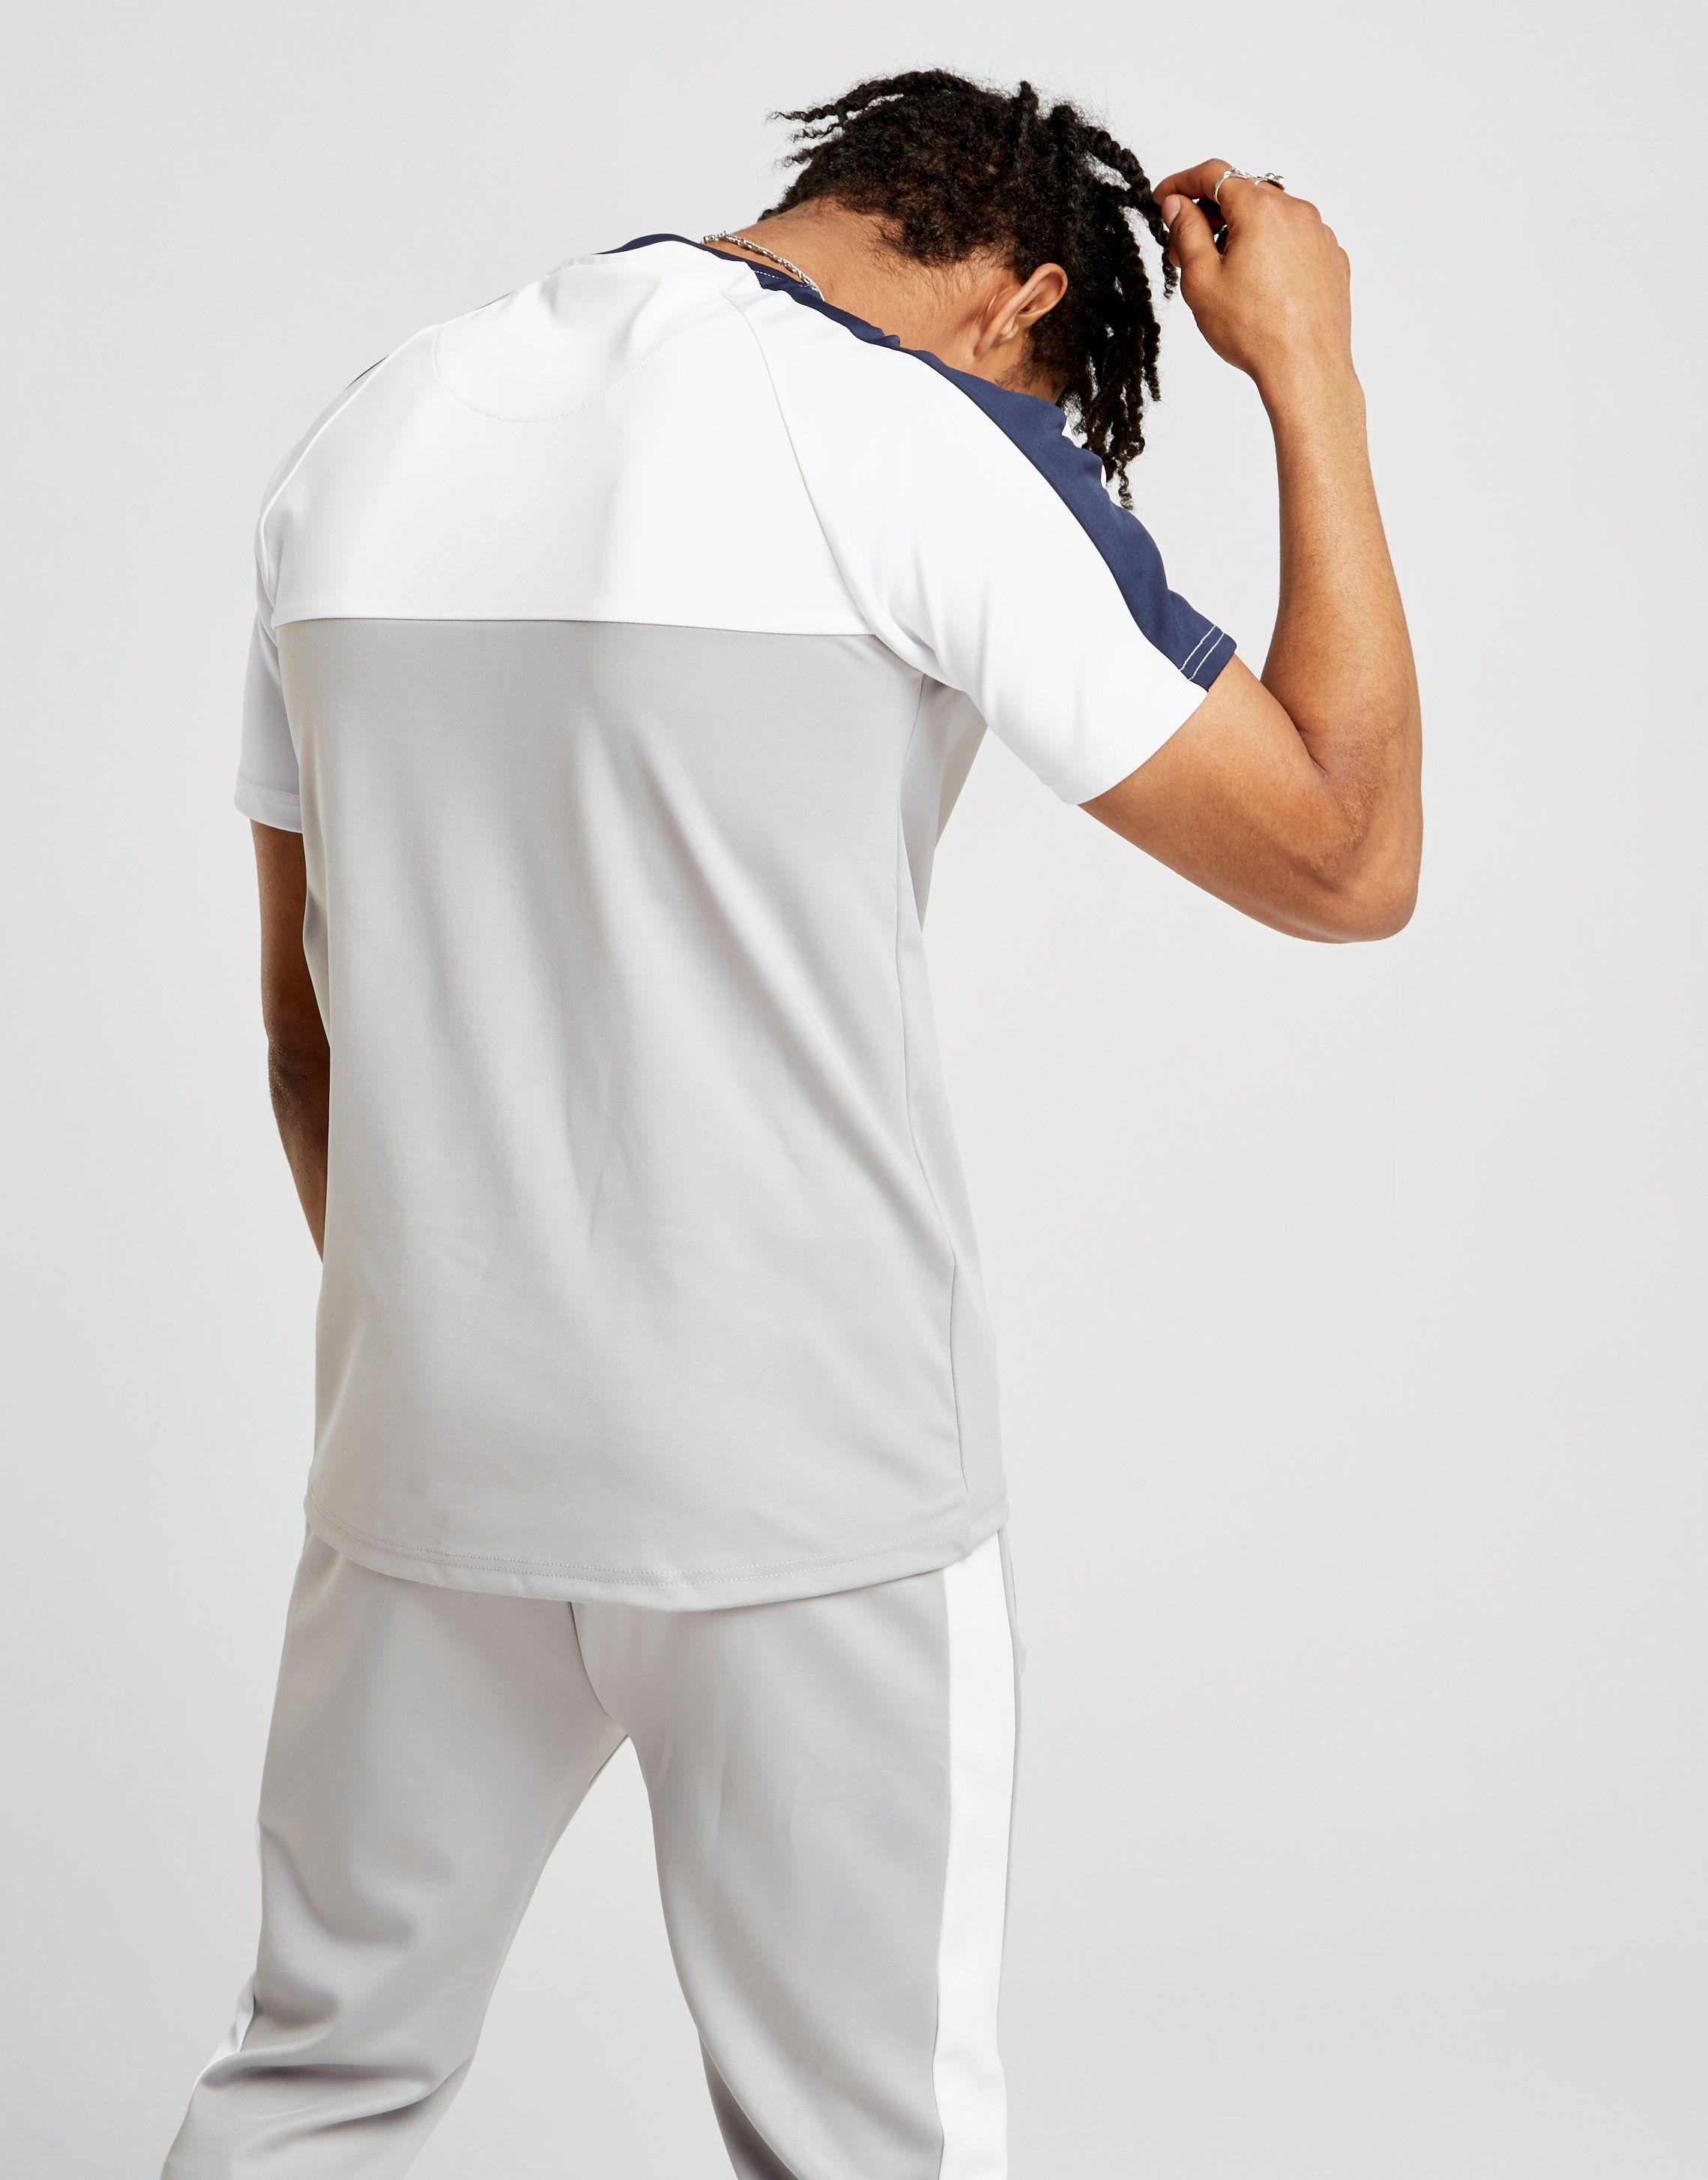 Steckdose Versorgungs Align Rated T-Shirt Grau Austrittskosten Kaufen Neueste Spielraum Mit Mastercard 9hk71xhyb